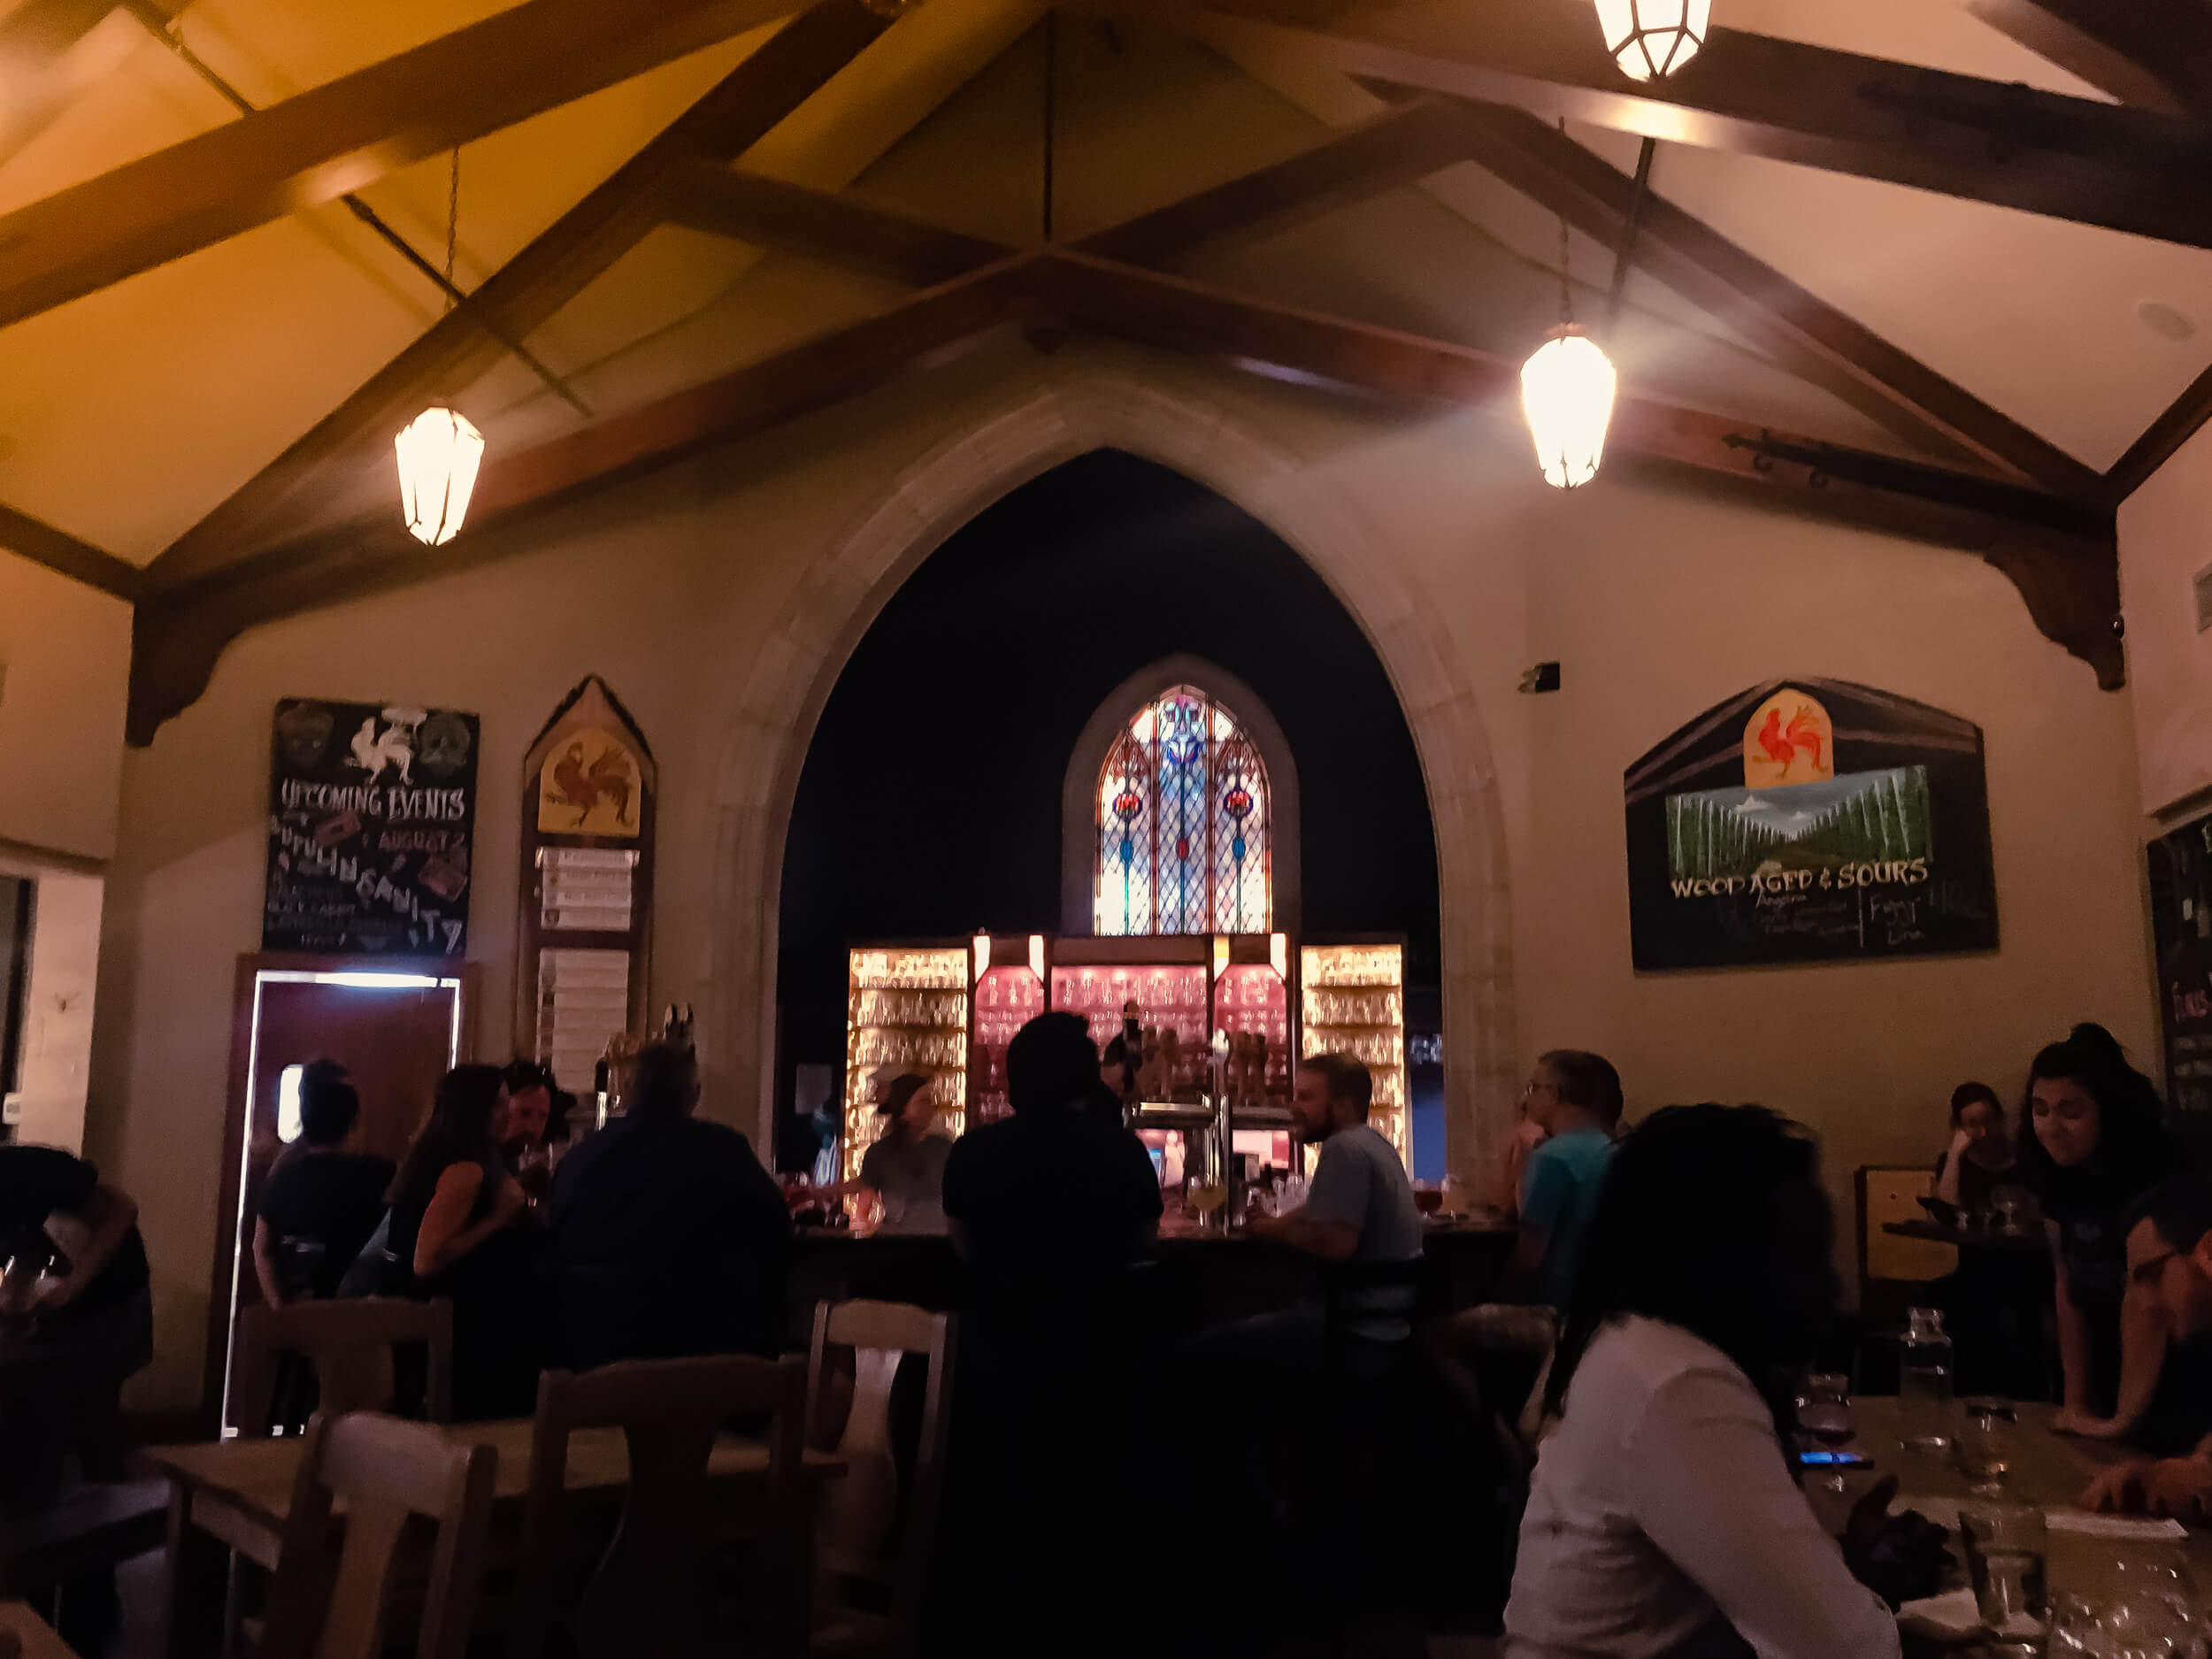 brewery vivant-ochristine